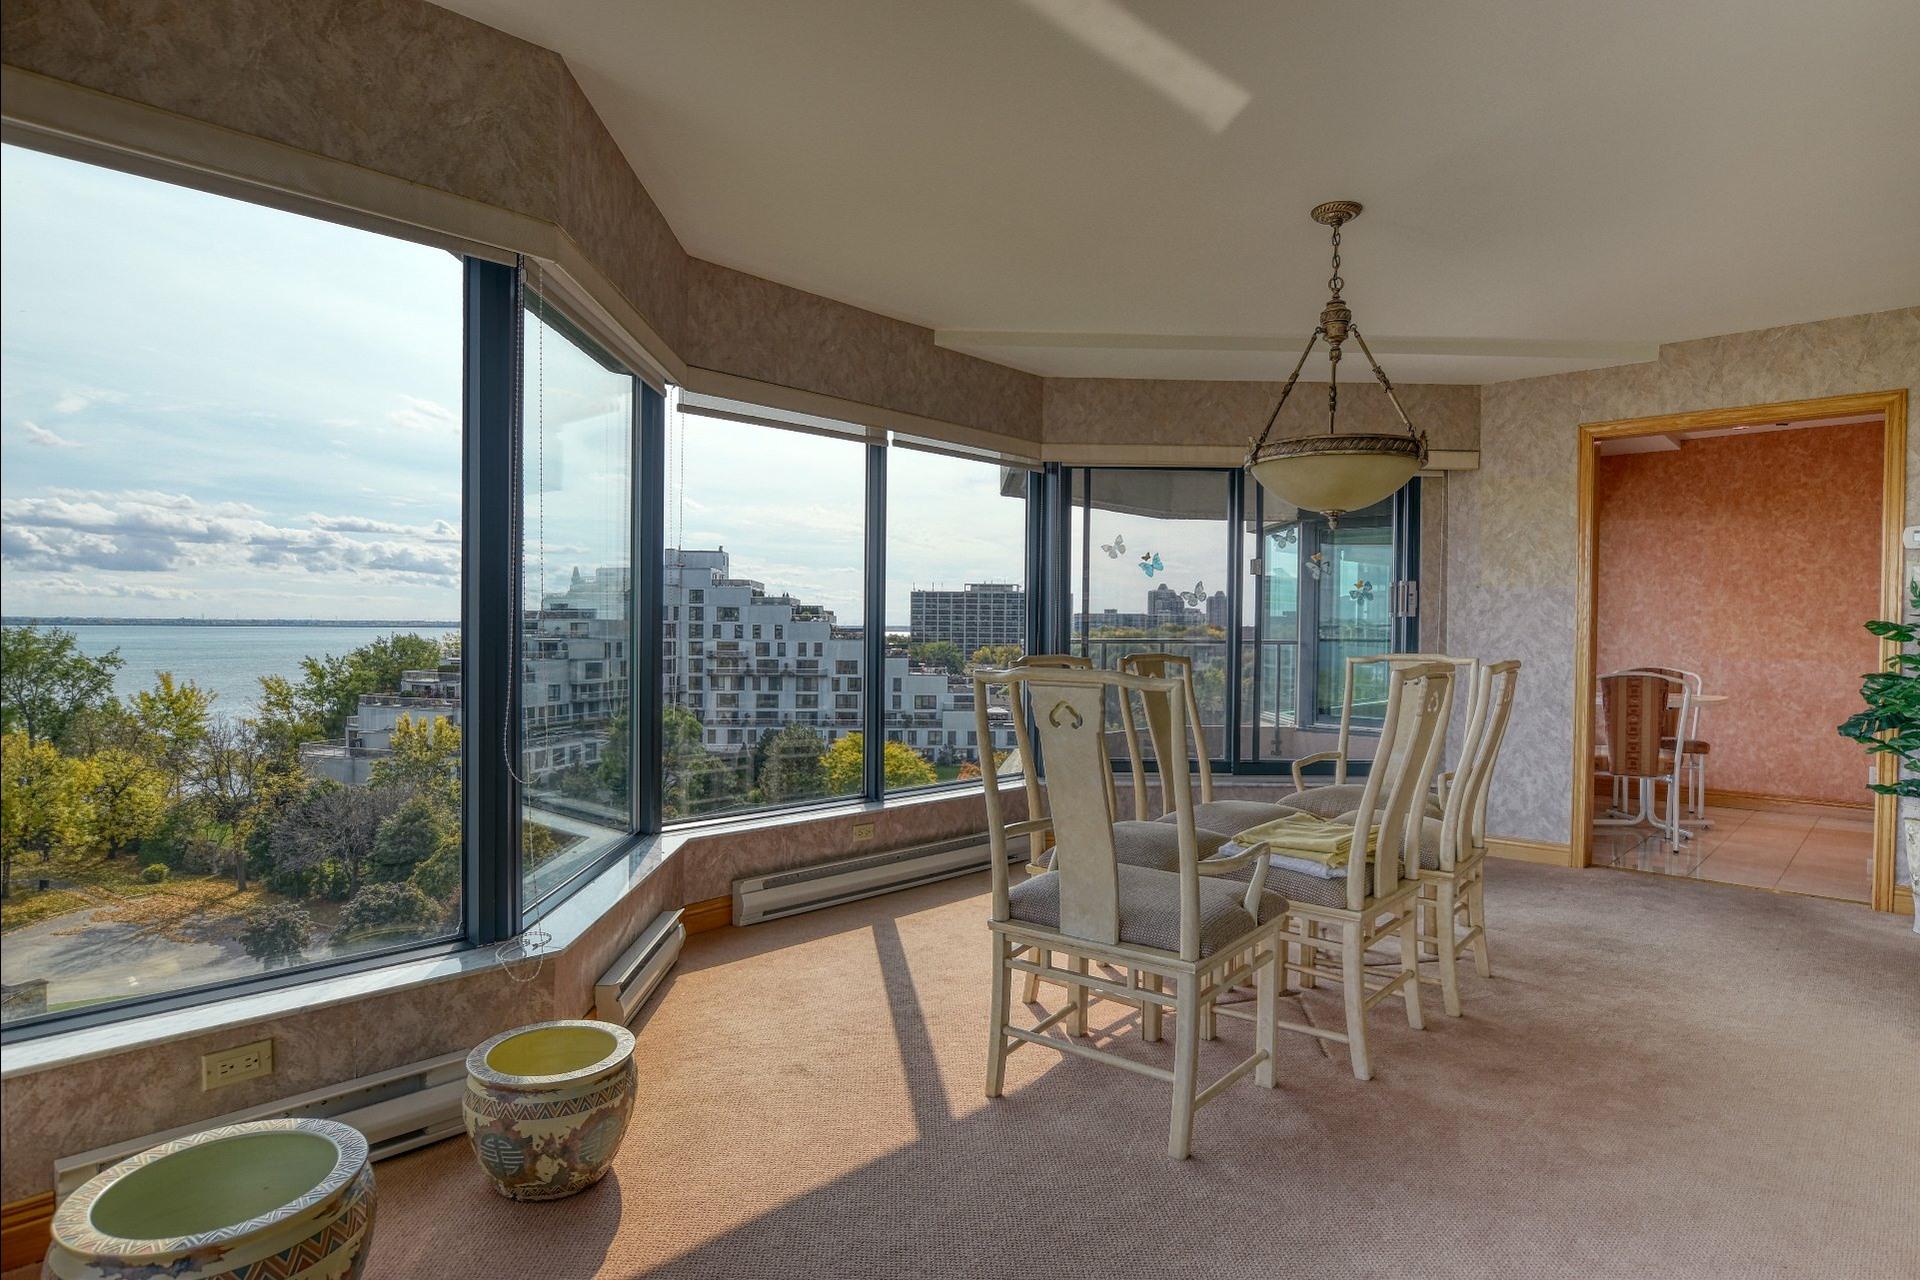 image 6 - Appartement À vendre Verdun/Île-des-Soeurs Montréal  - 7 pièces